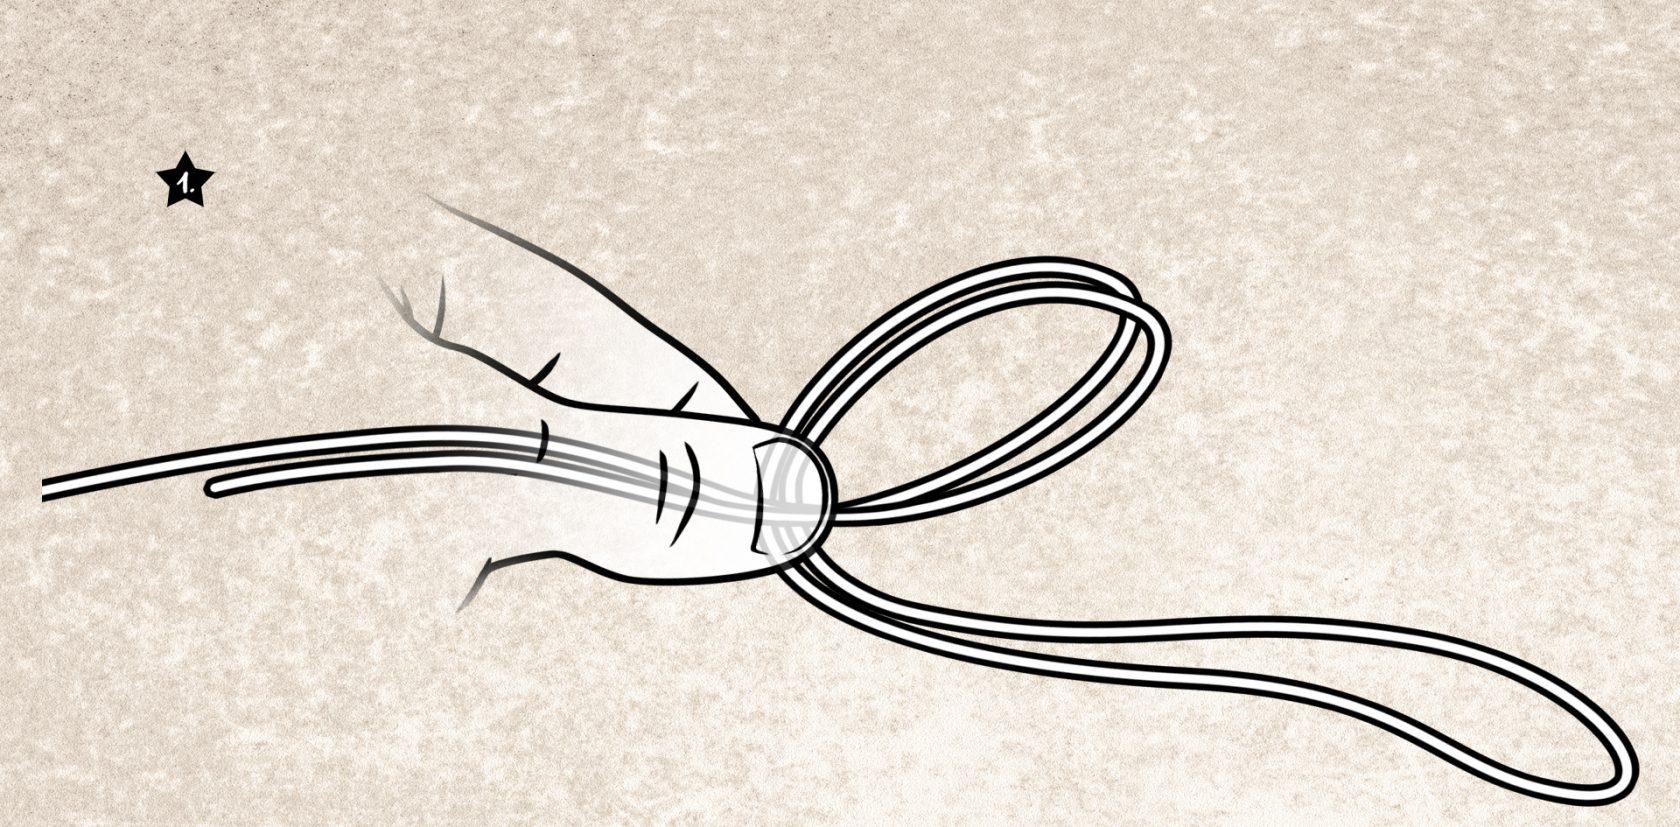 Bindeanleitung Spider-Hitch-Knoten